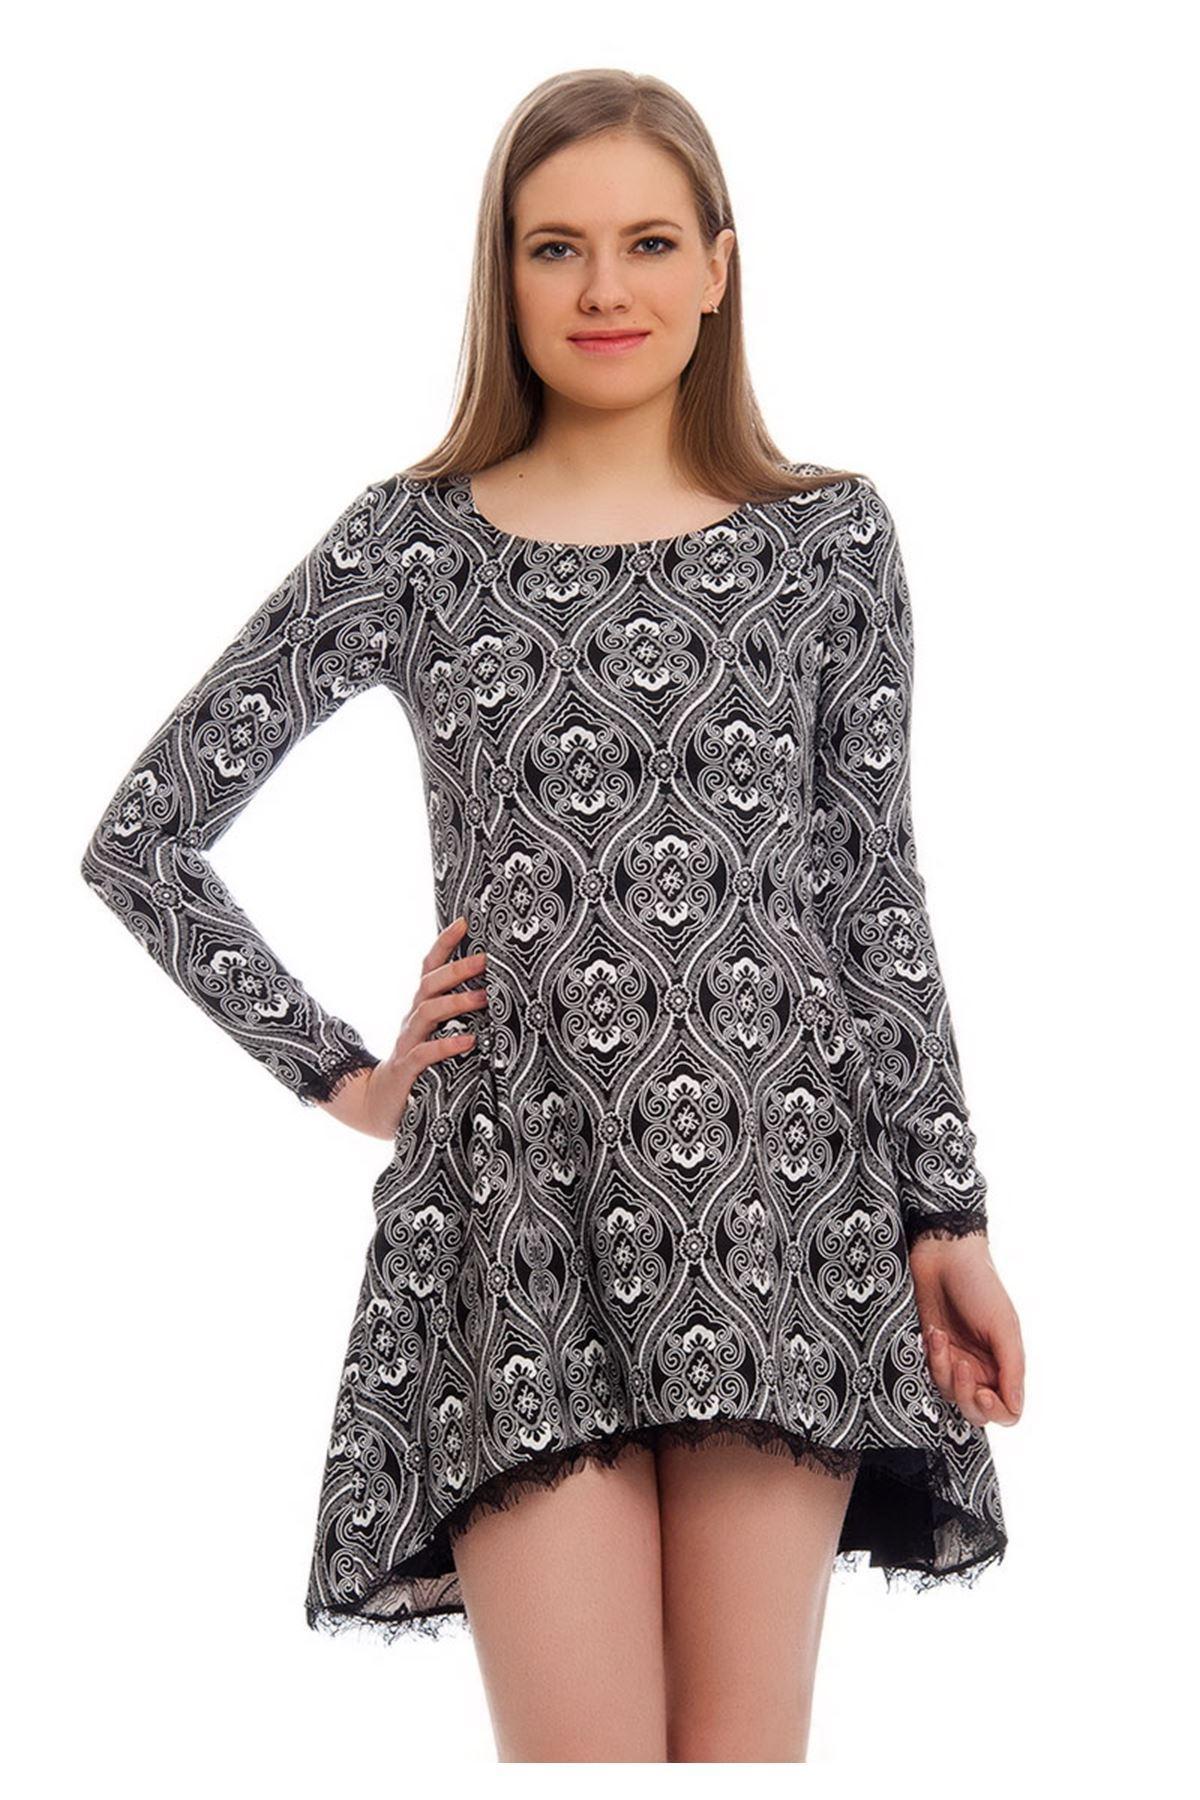 Siyah Desenli Dantel Detaylı Kadın Elbise J5-121971